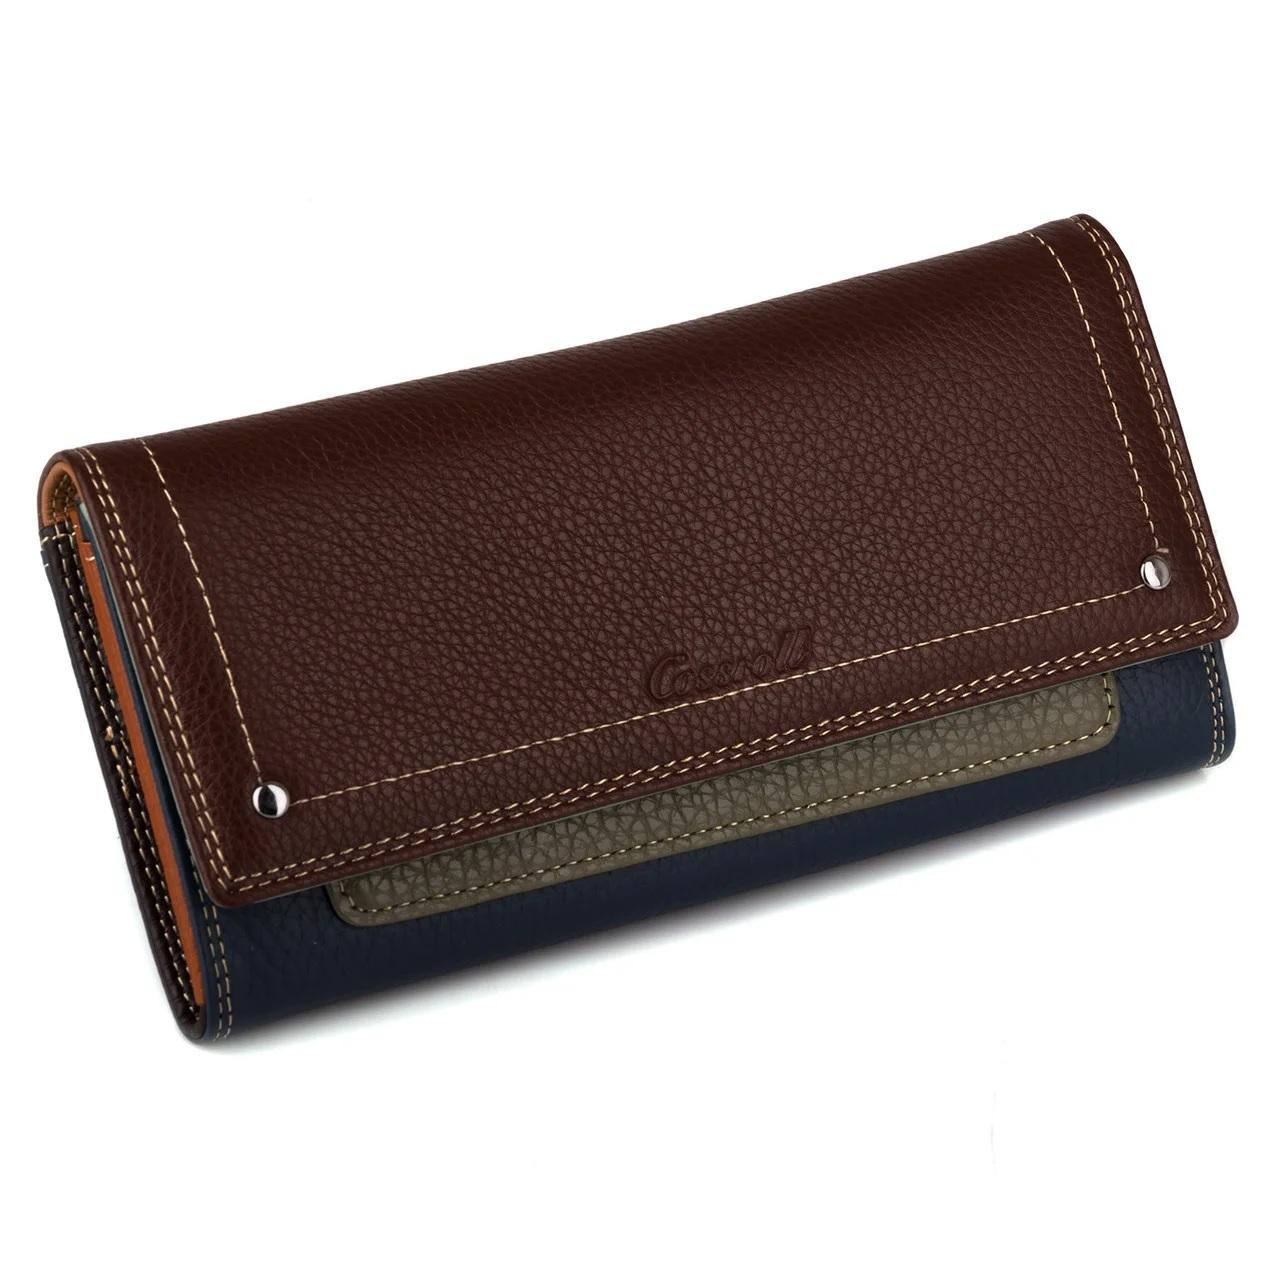 Облегчённый кошелёк «Cossroll» из натуральной разноцветной кожи купить. Цена 799 грн